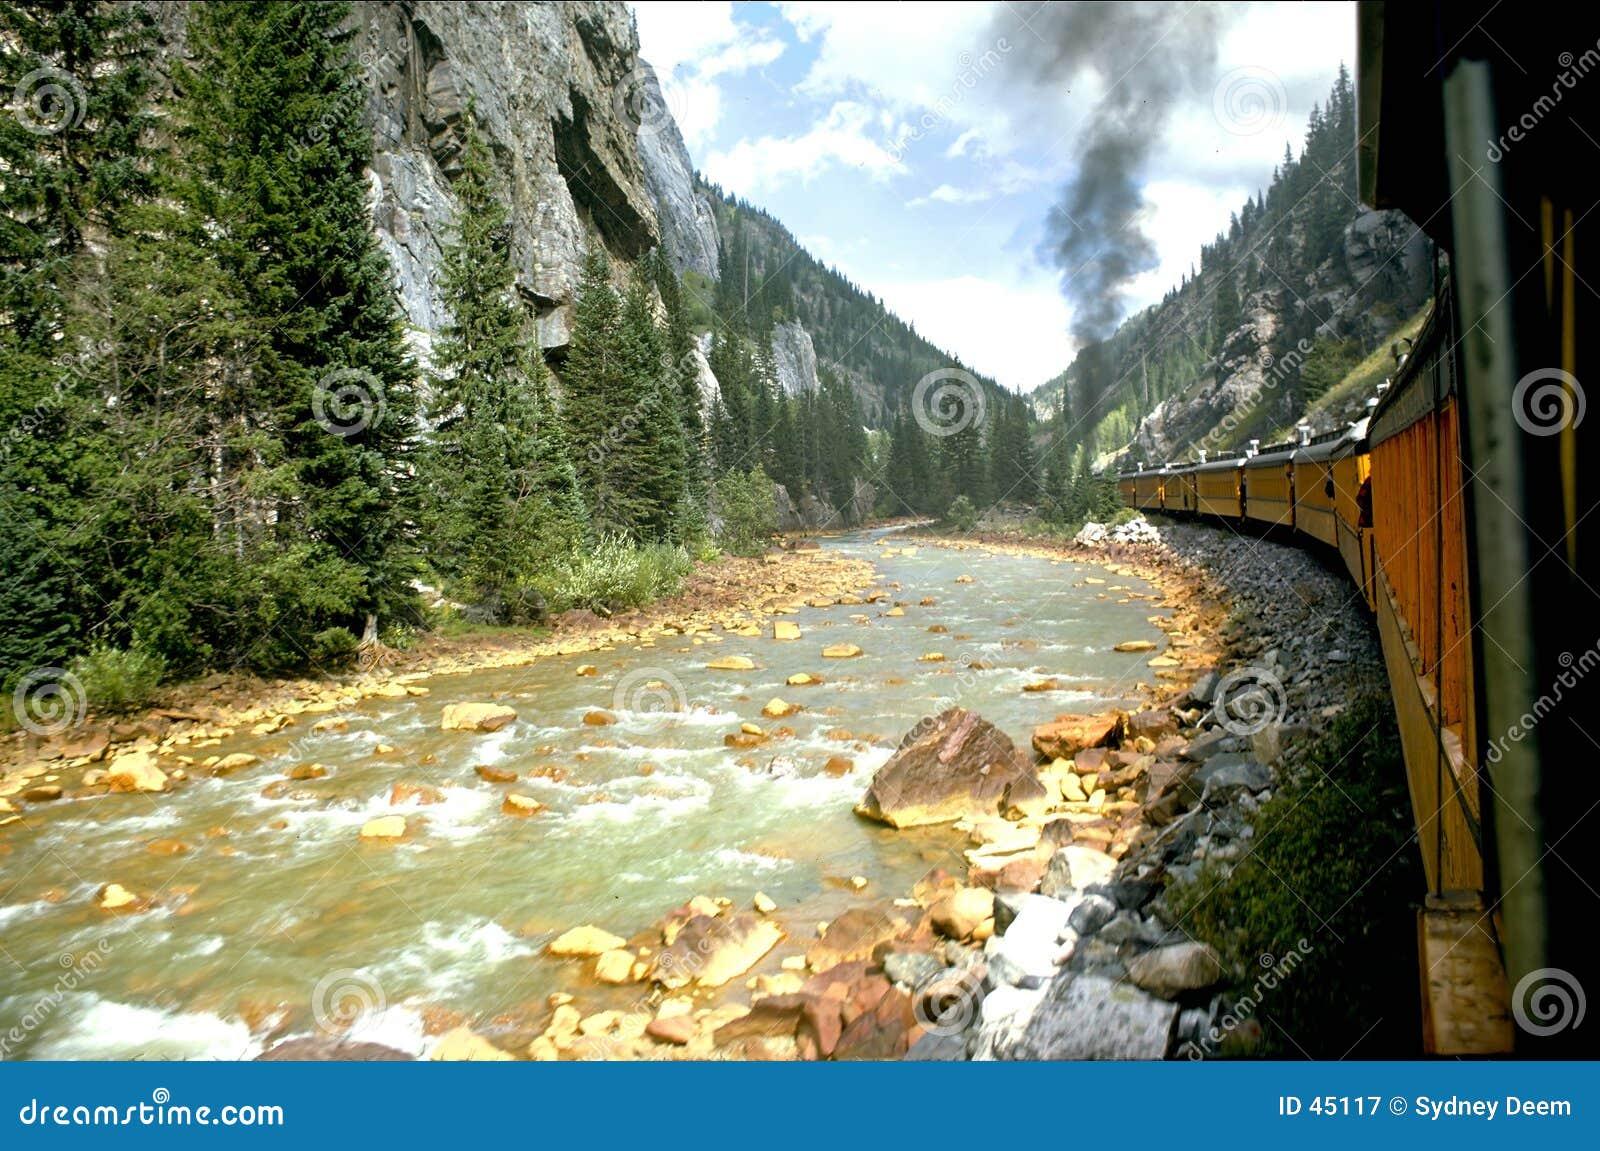 River Train